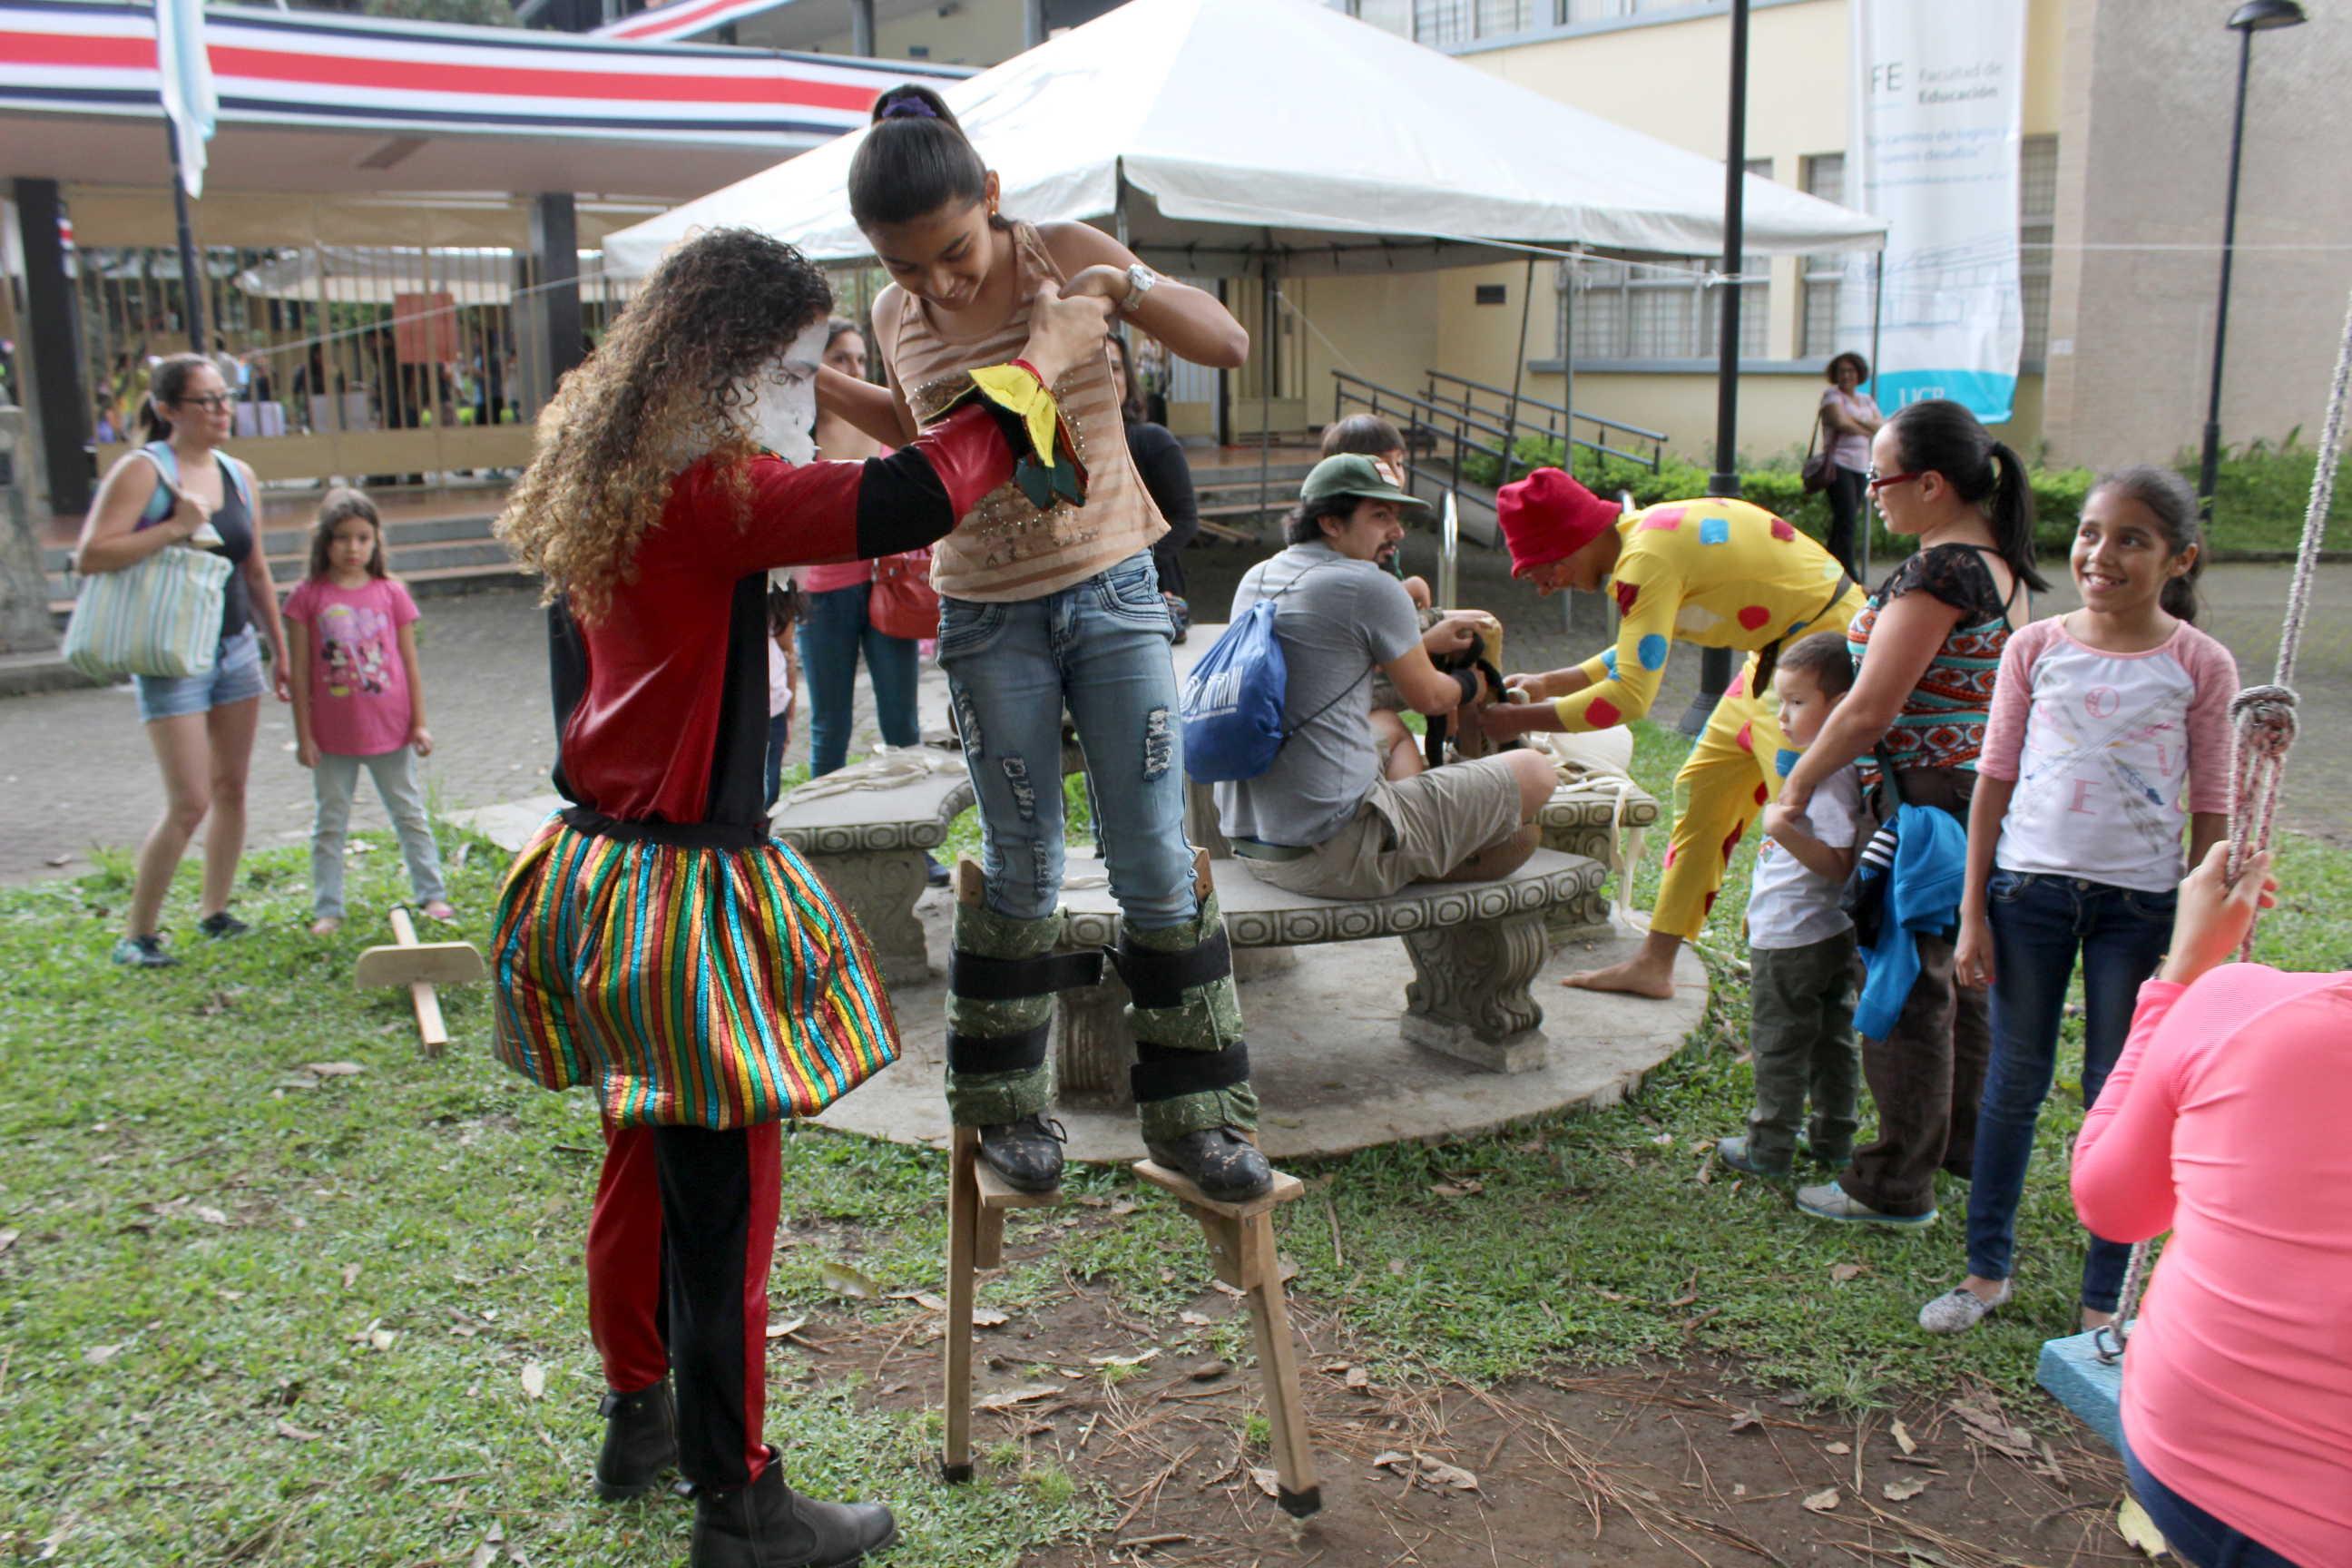 Talleres de zancos y malabares ocurrieron alrededor de los jardines de la Facultad de Educación en la celebración del Día del niño y ña niña, bajo el marco de la primera edición de Títere-tandas.